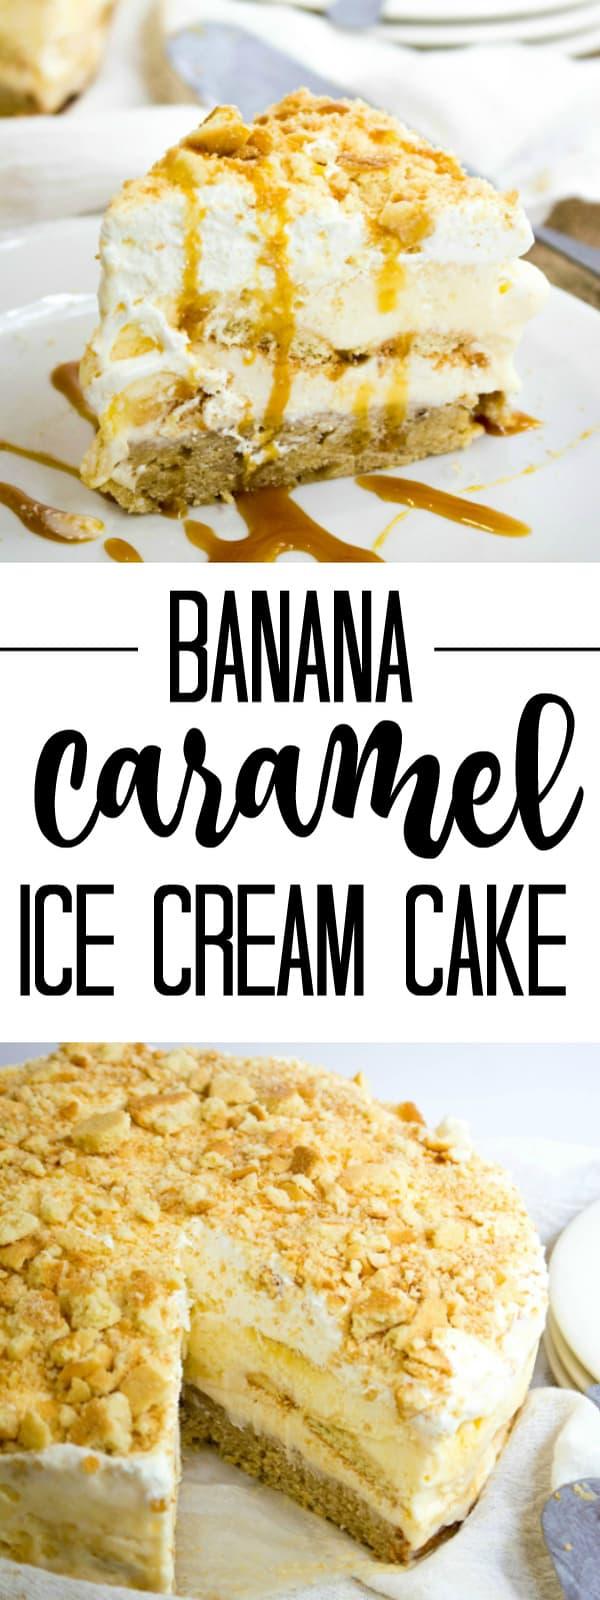 Banana Caramel Ice Cream Cake